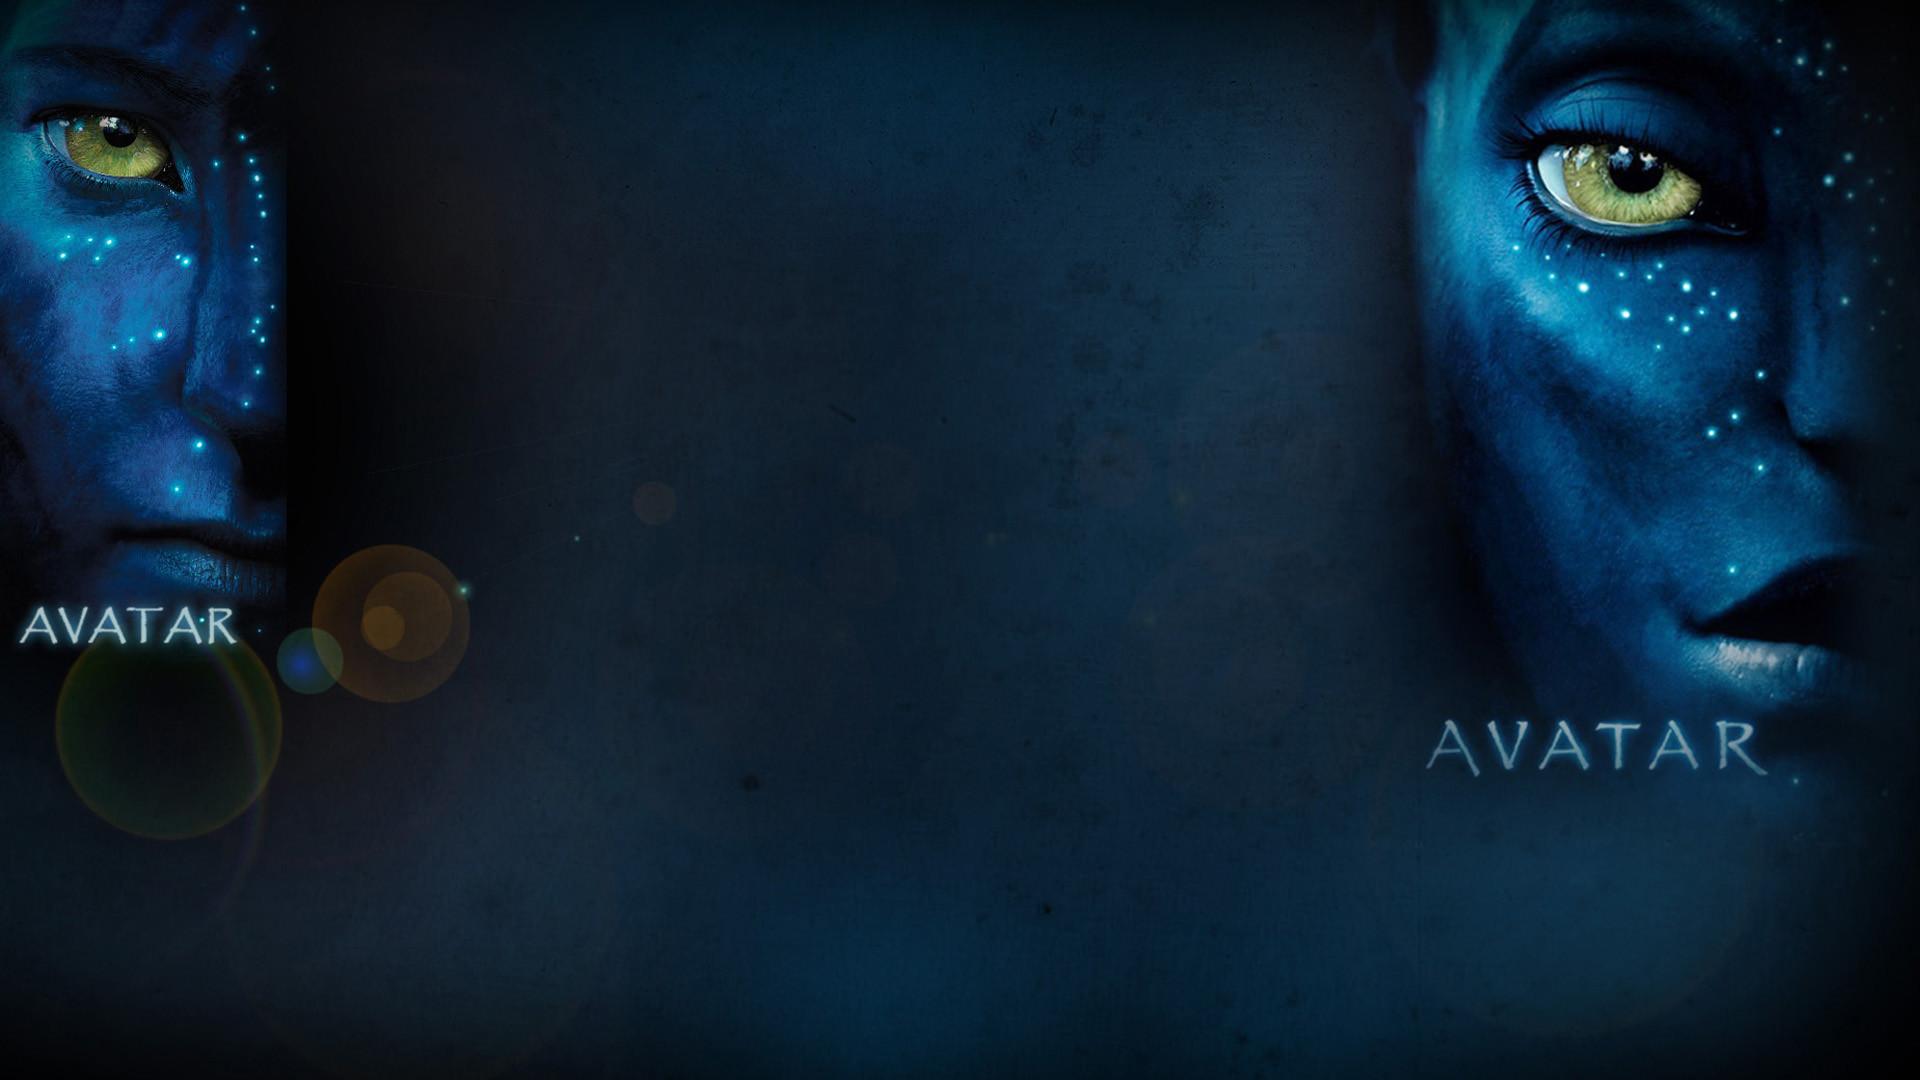 Постер из фильма аватар Обои  № 3272121 загрузить